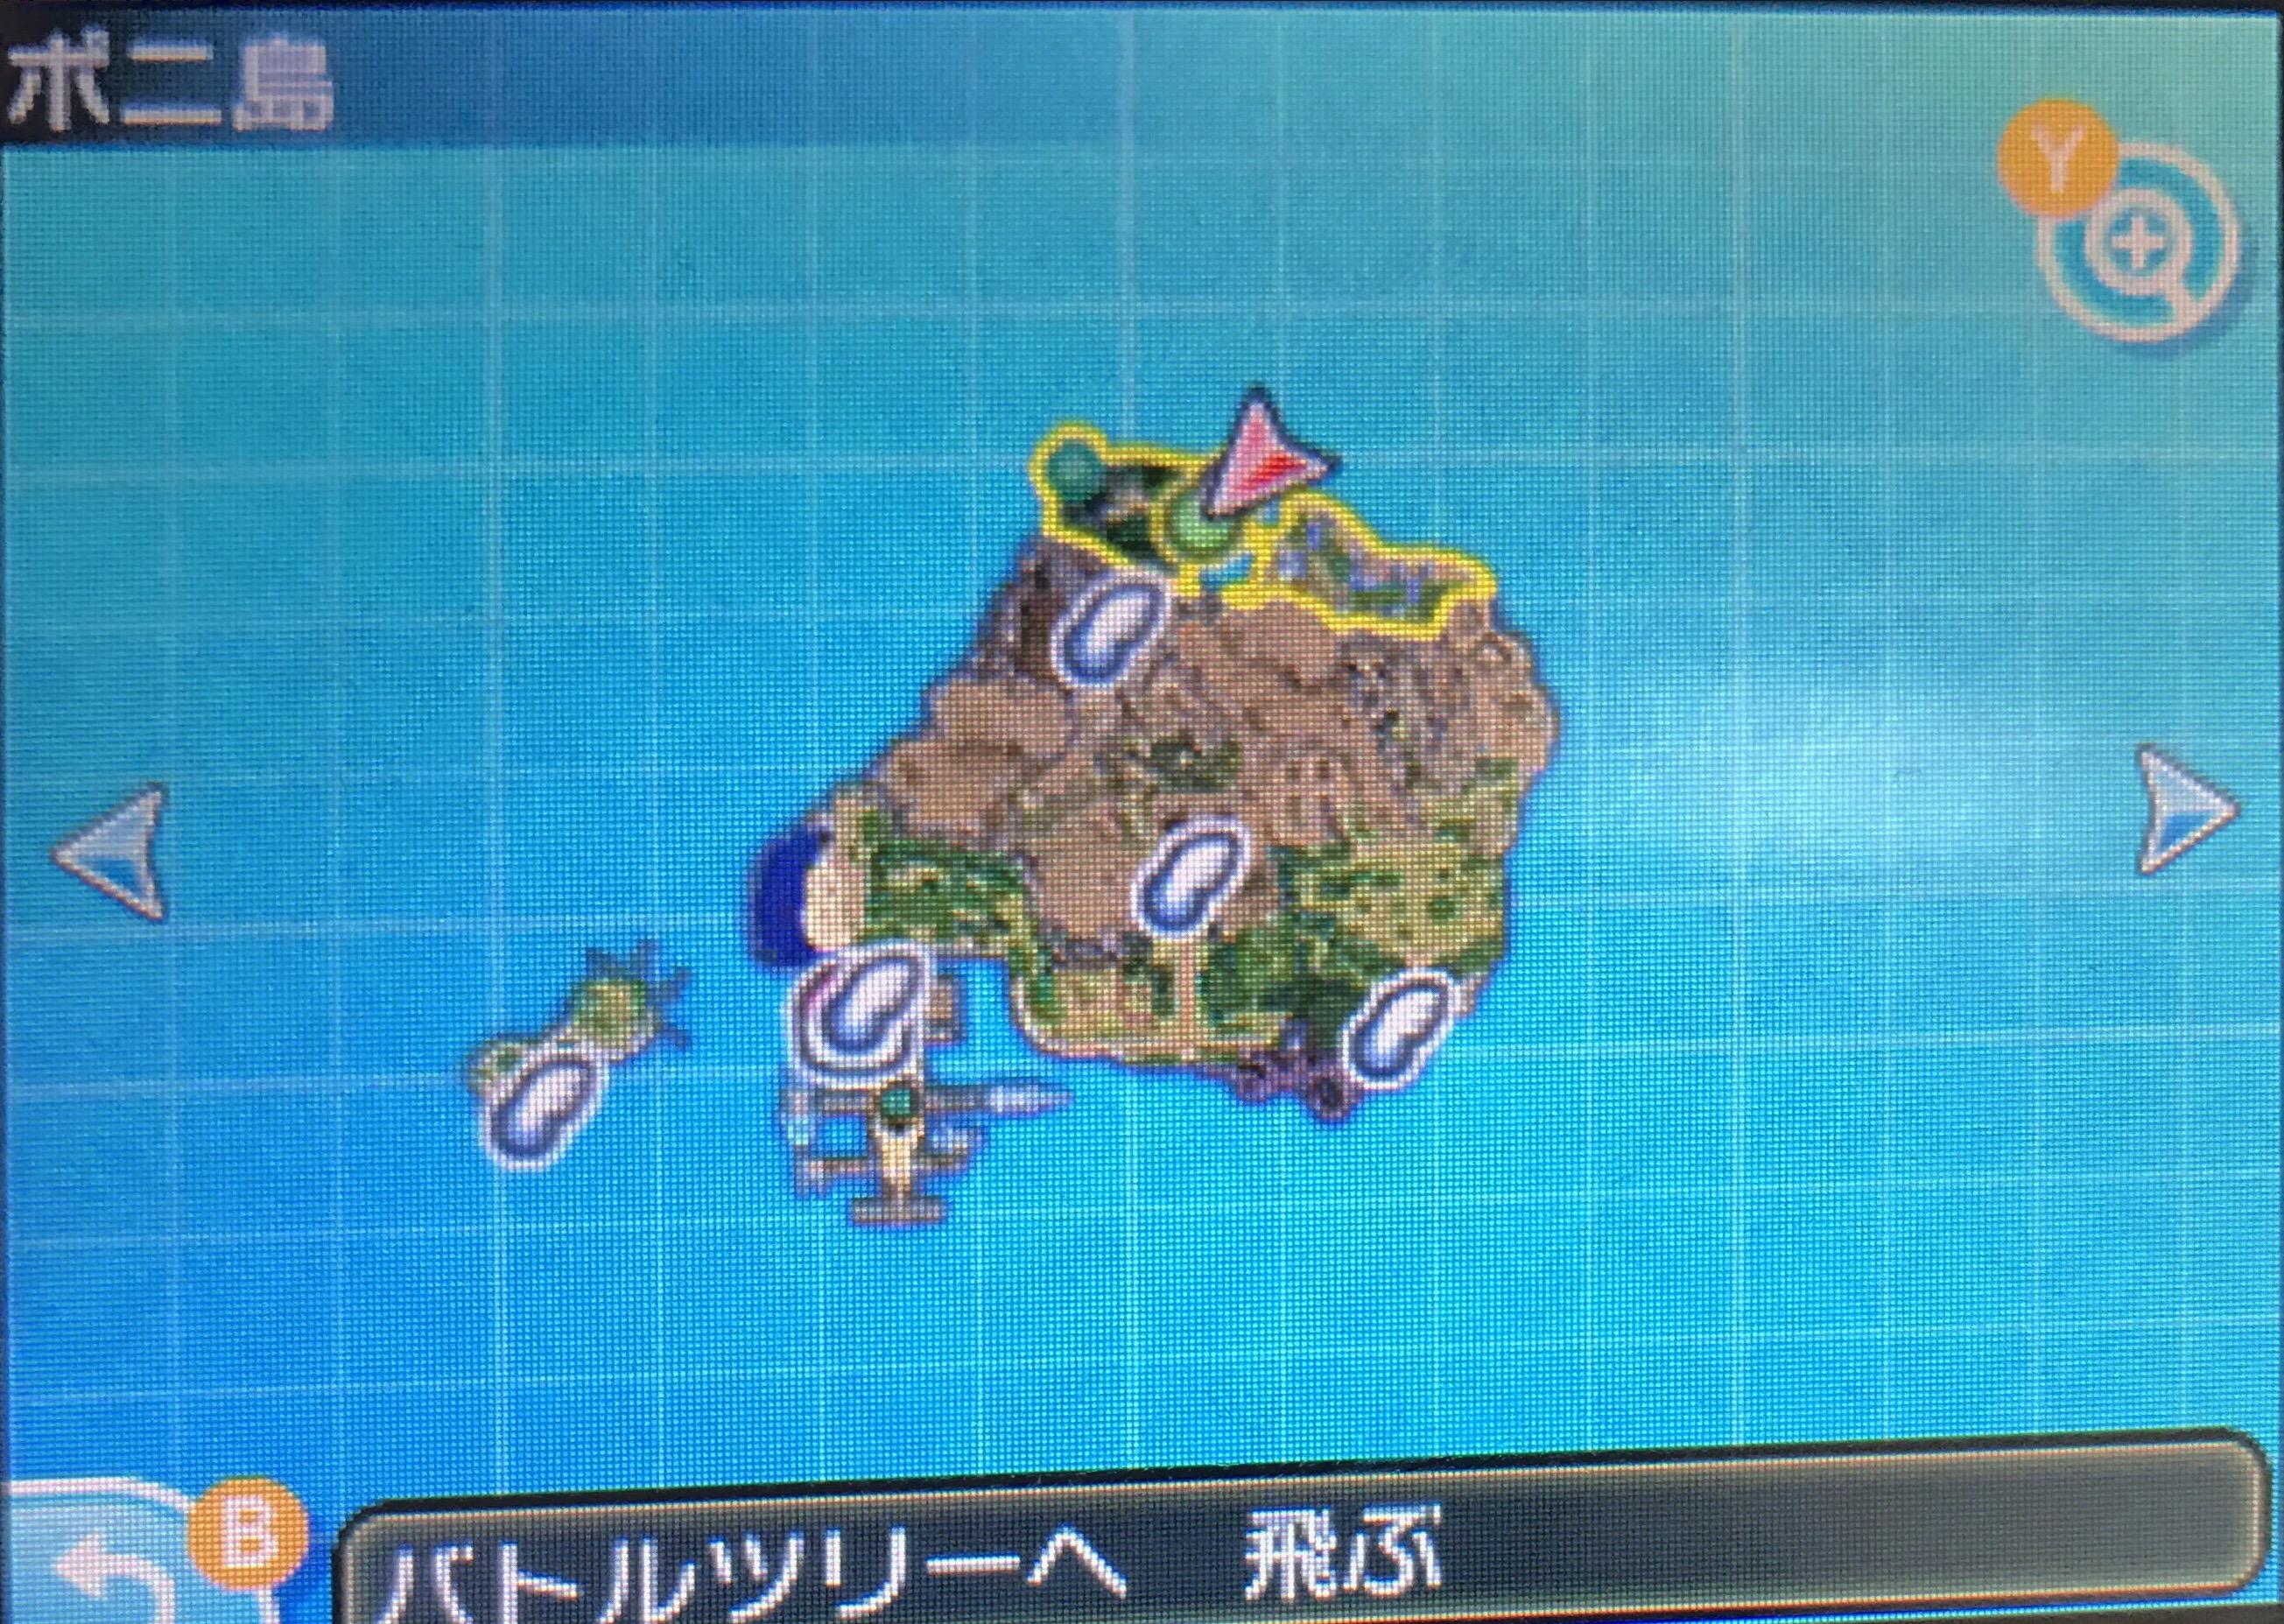 ポケモンサンムーン 個体値ジャッジ機能 - ゲーム専務